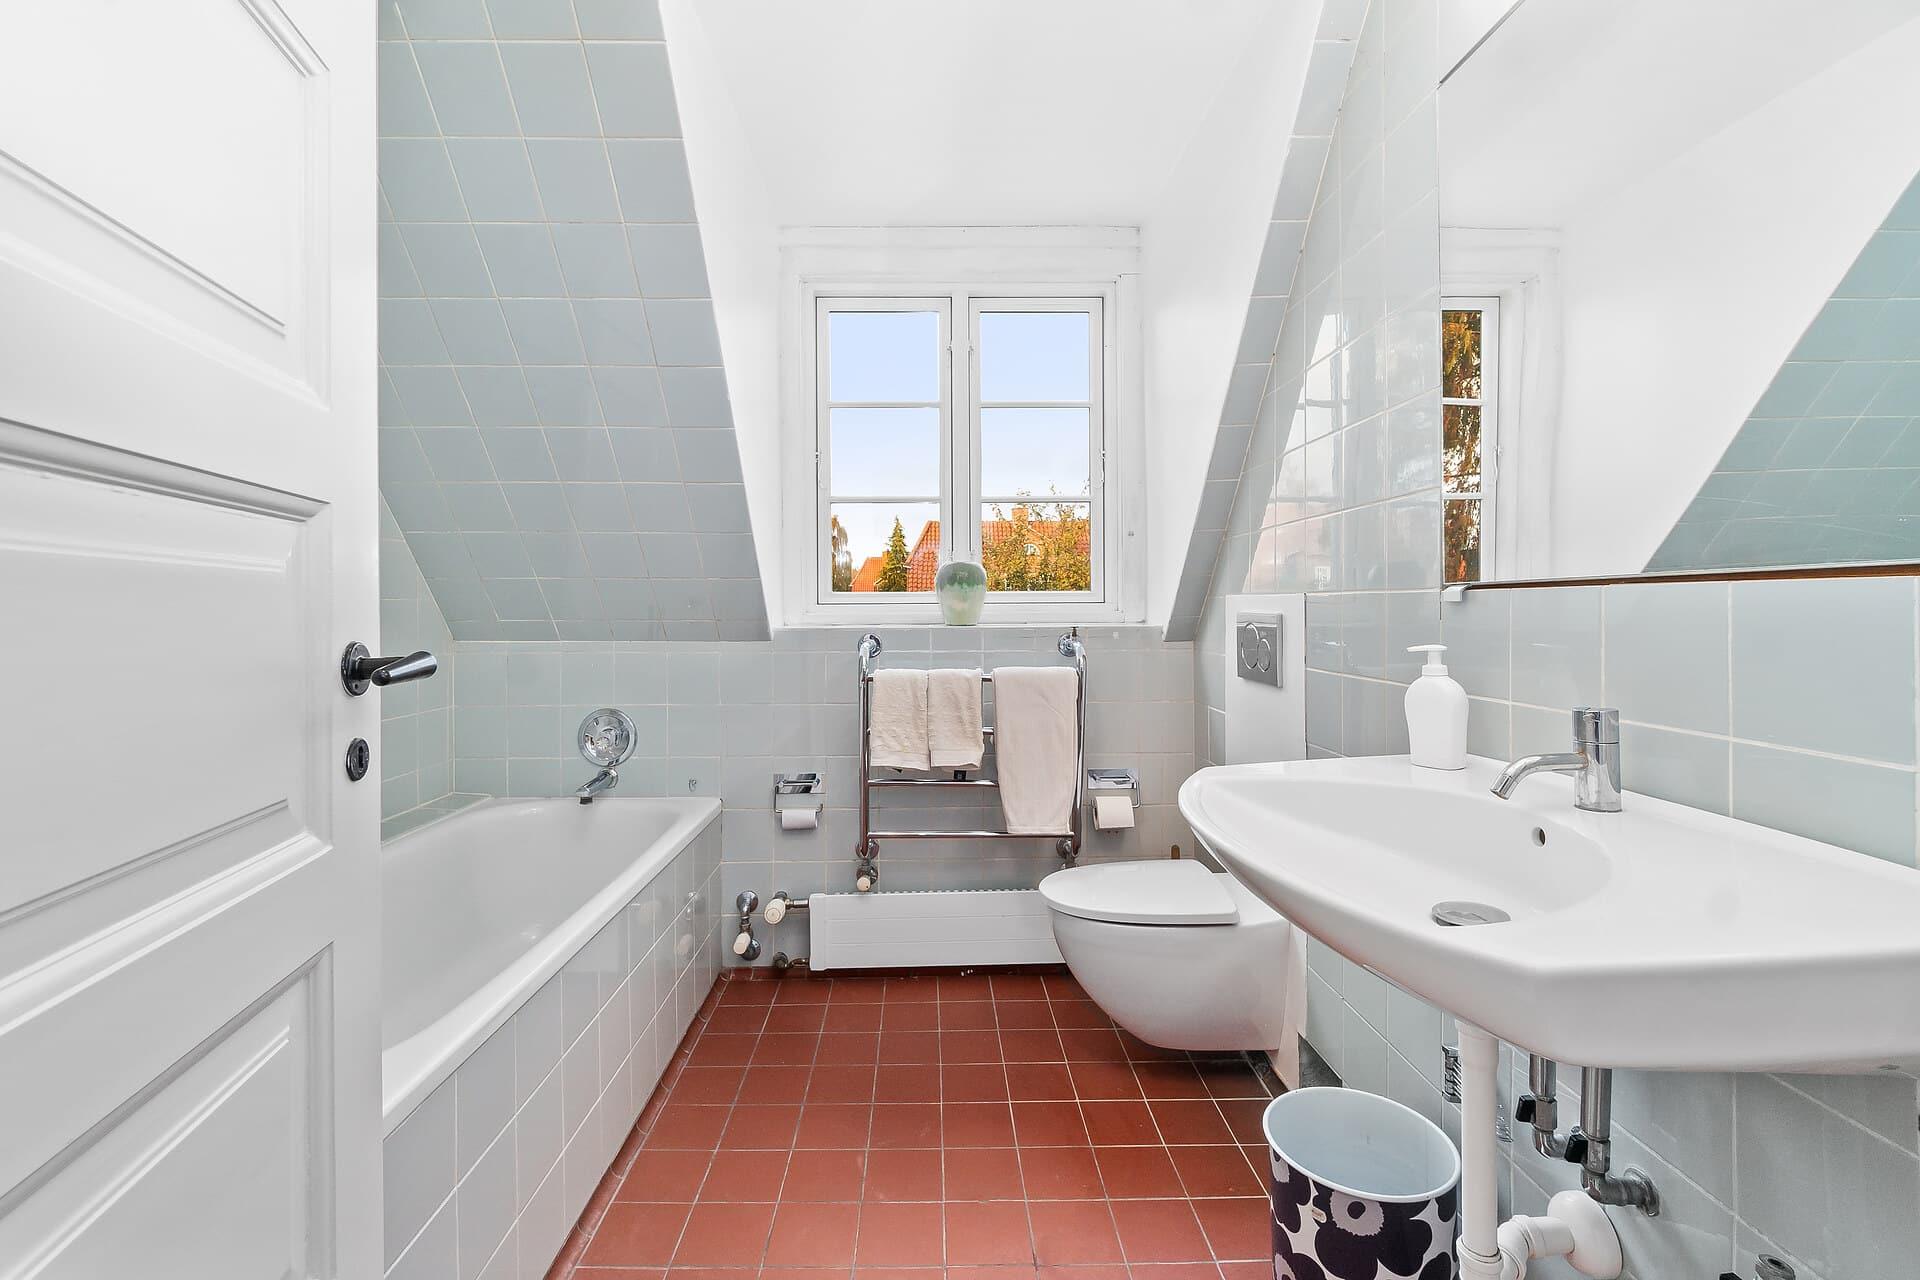 Comment enlever un mur de baignoire?